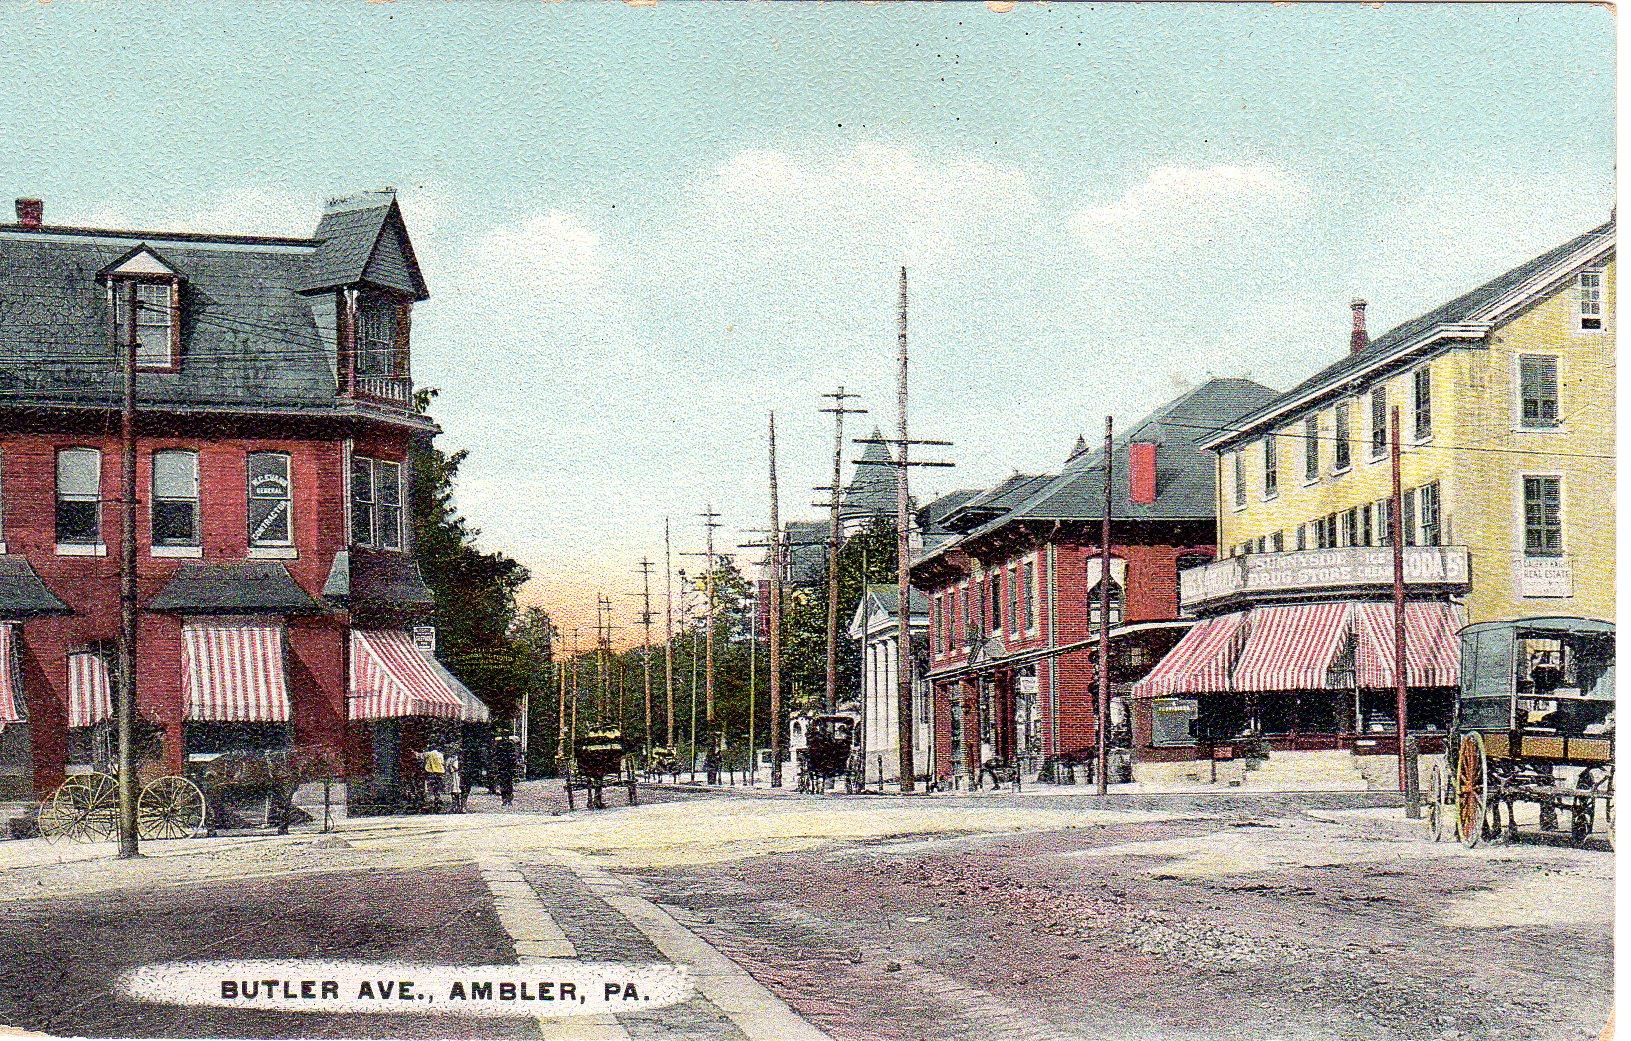 Post Card Collection (E Simon)_2682_04_Butler Ave, Ambler, Pa